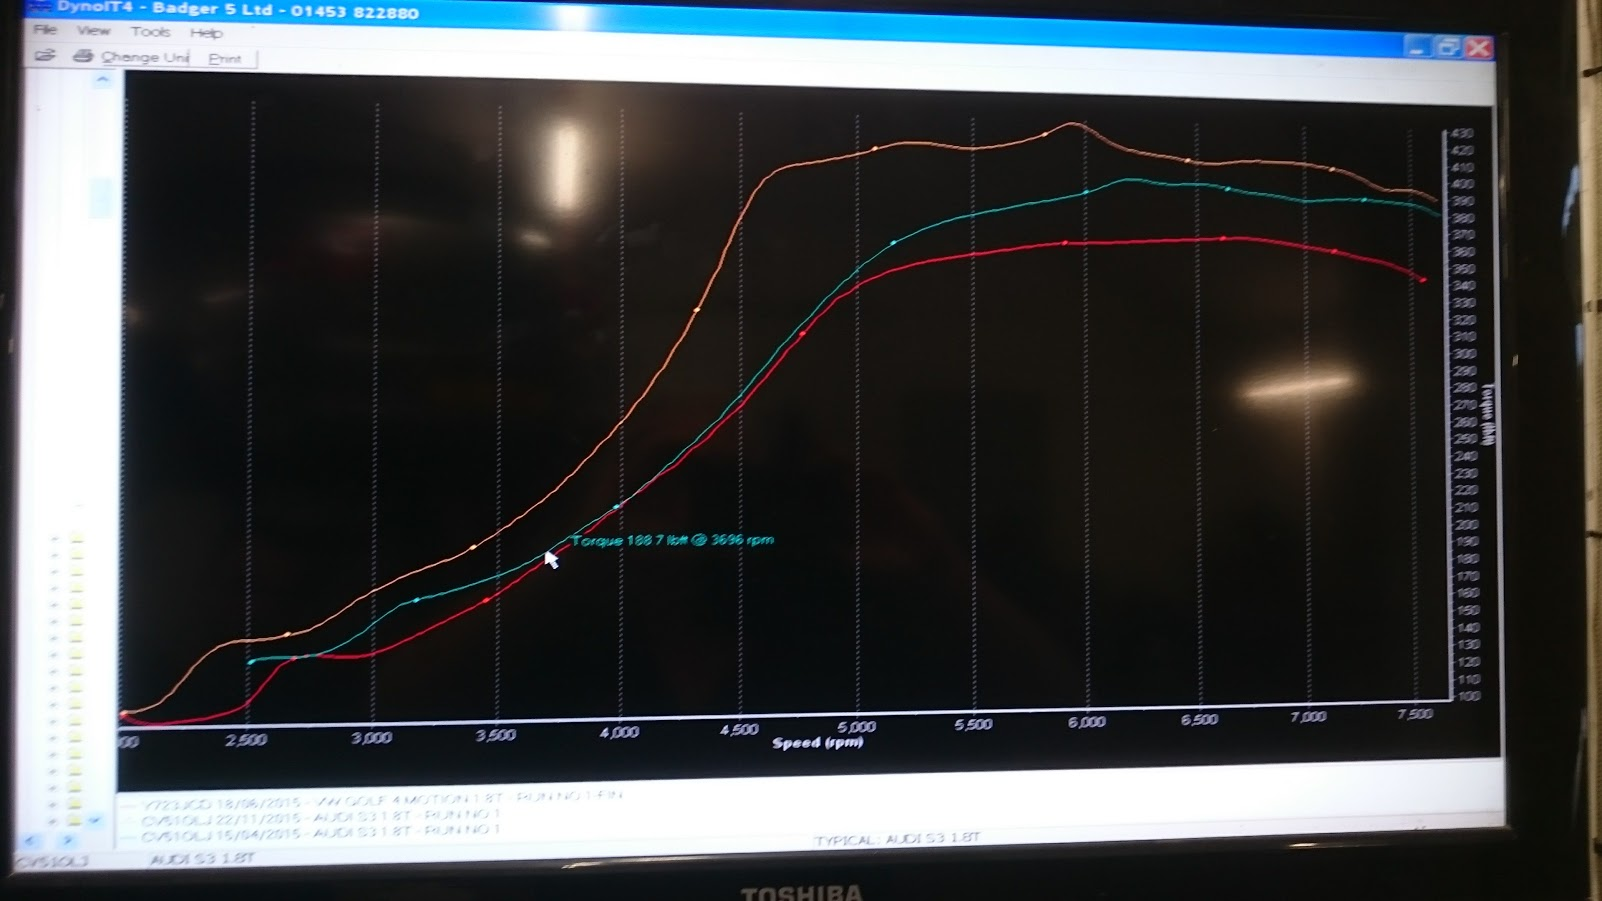 aumGT3071-vs-strokerGT35_vs-stokerGT35_cams-torque.JPG